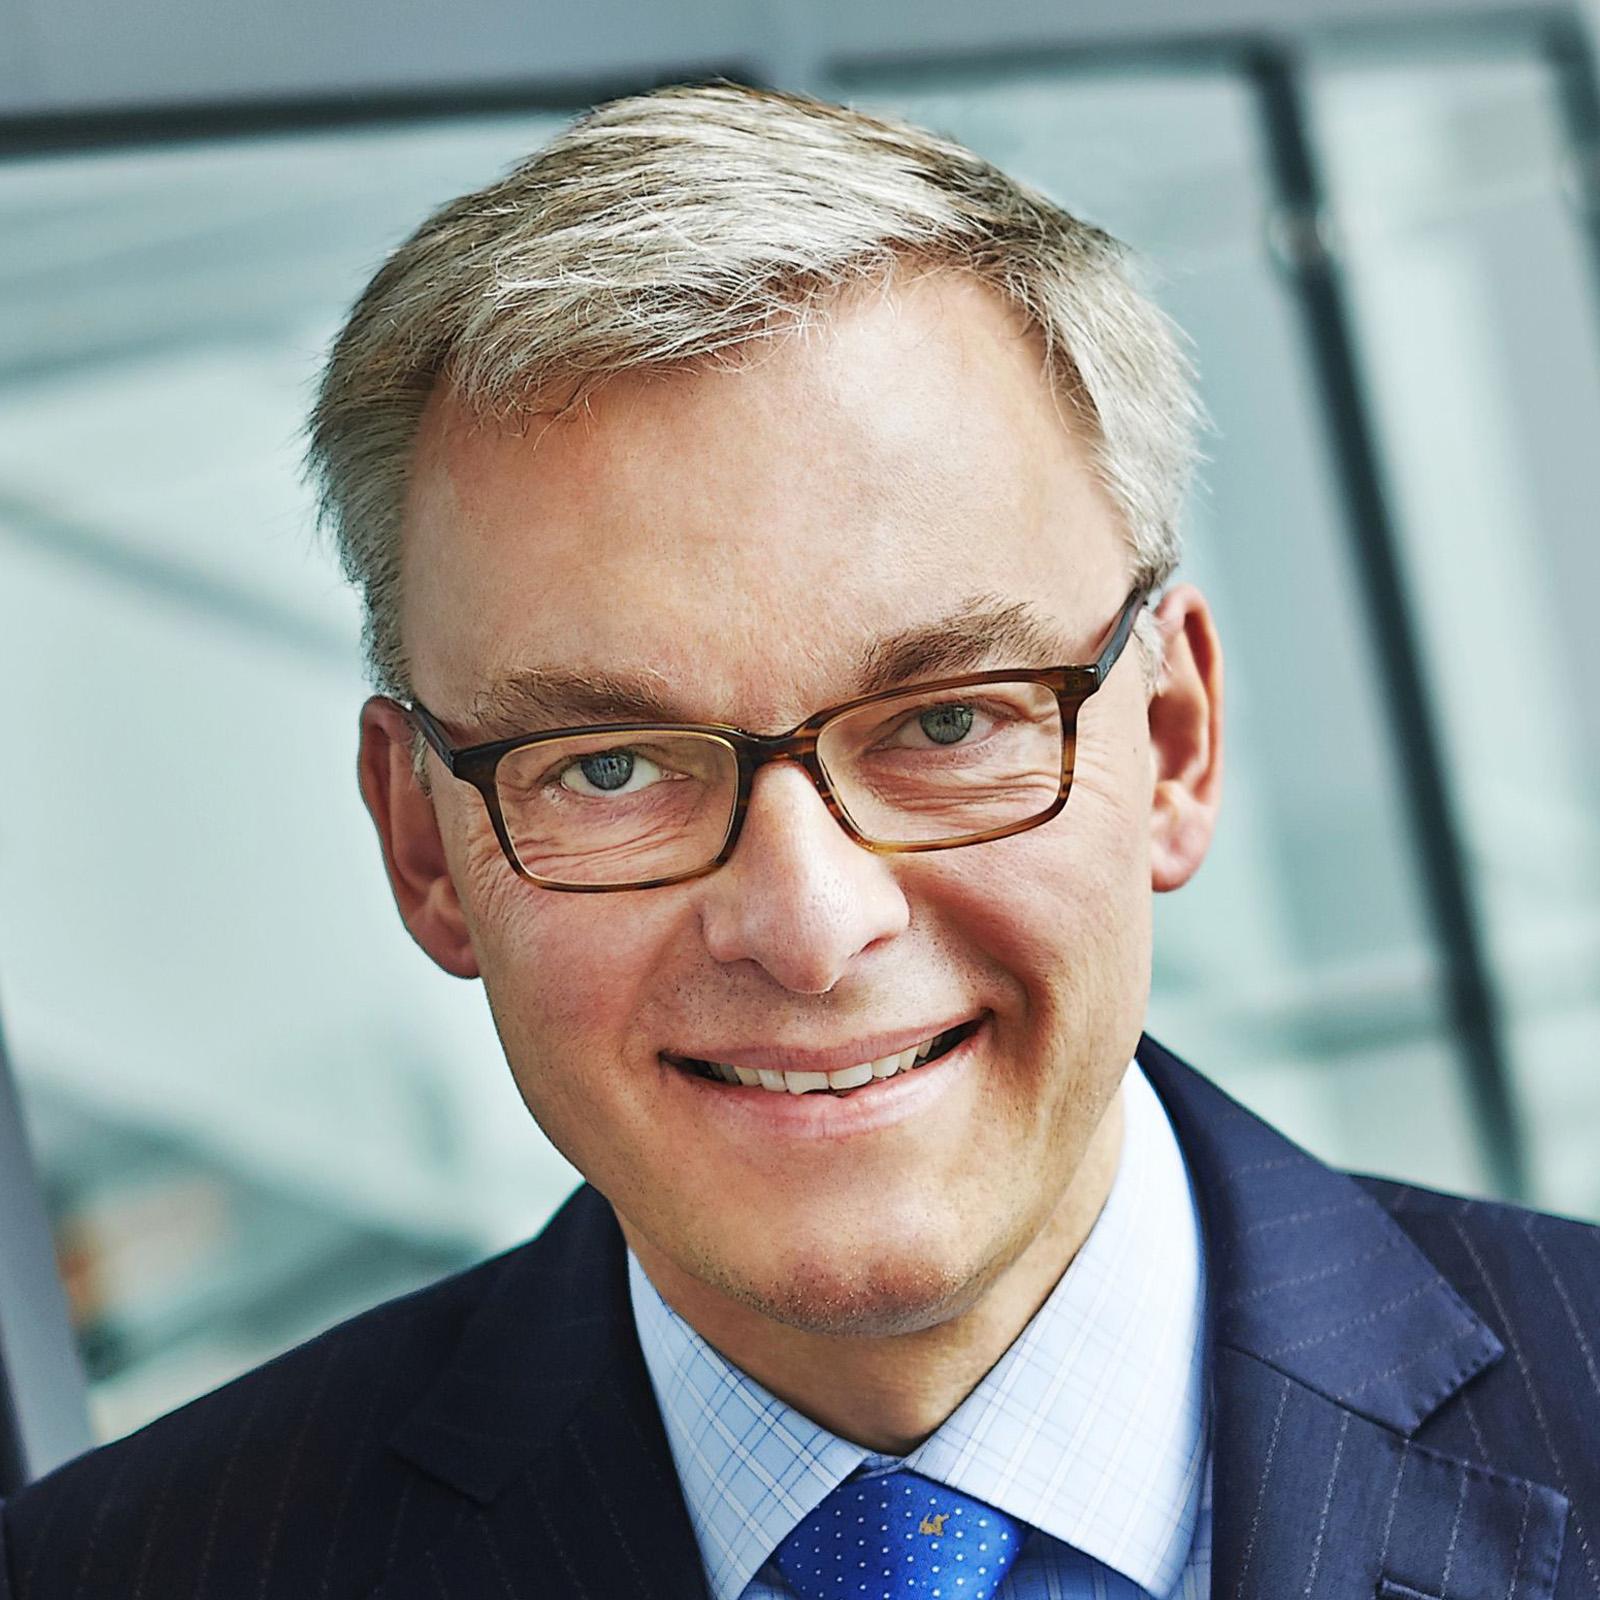 Morten-Haure-Petersen